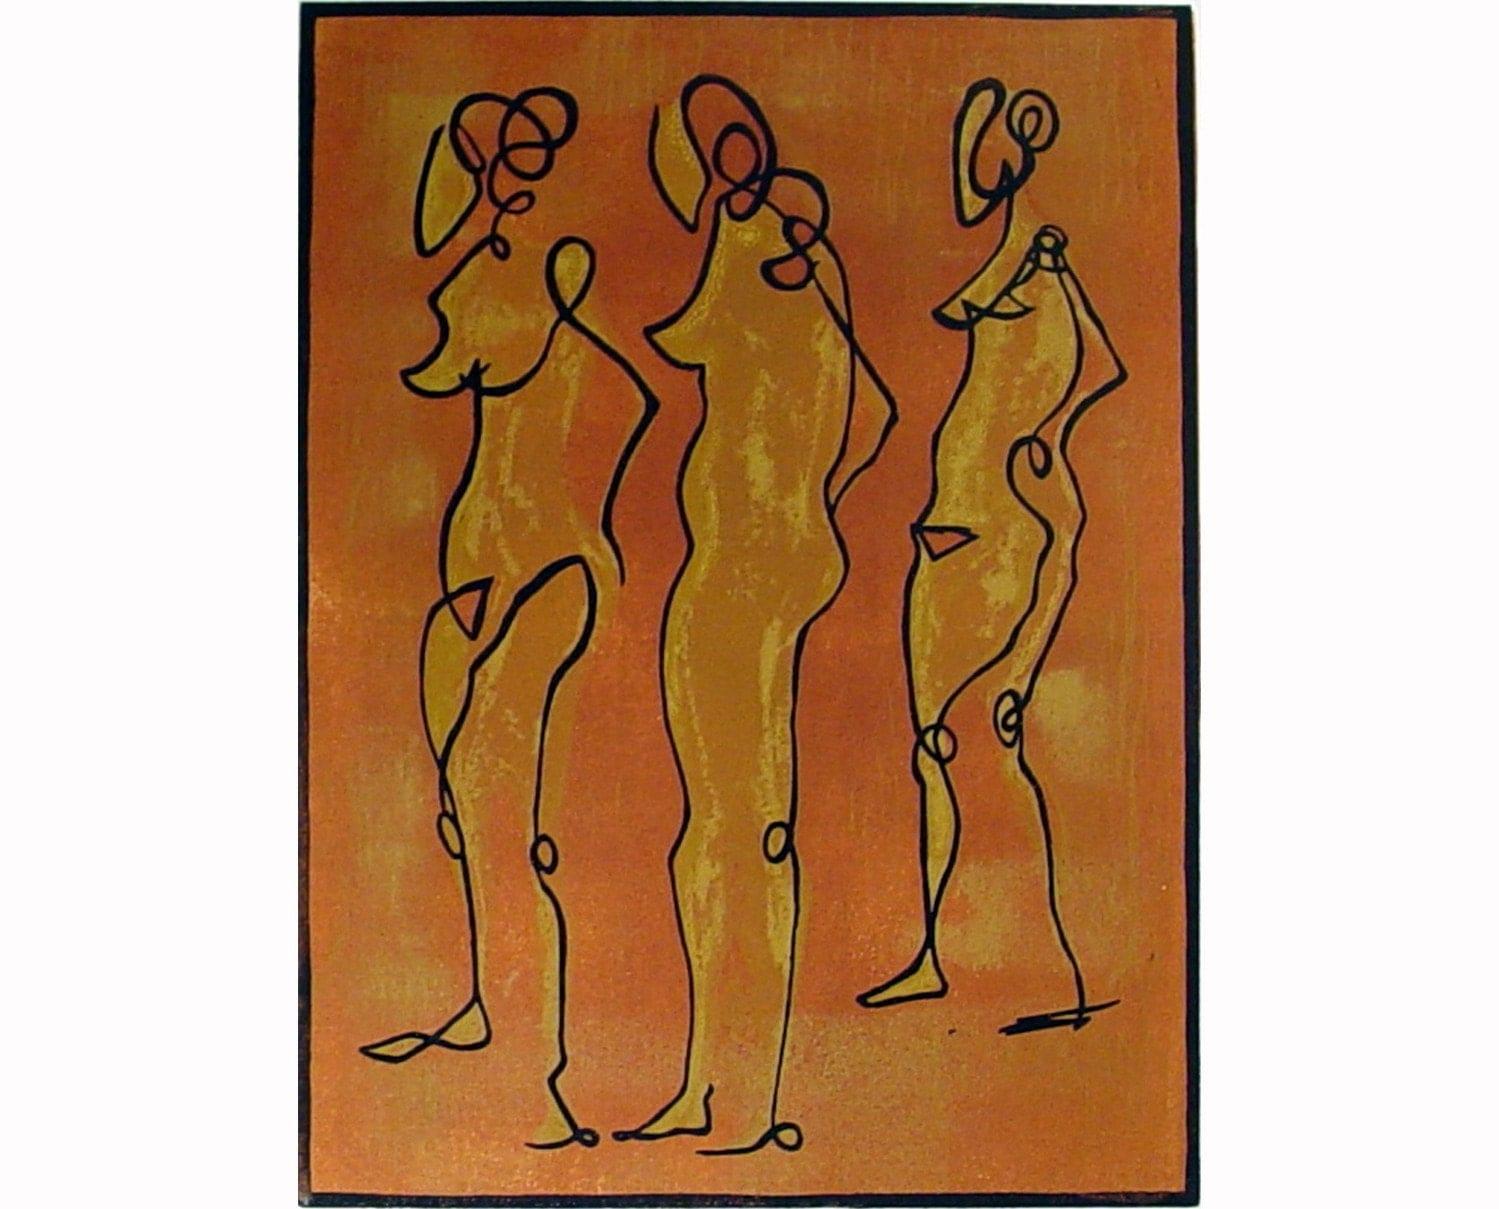 Three Nudes (original linoleum cut)